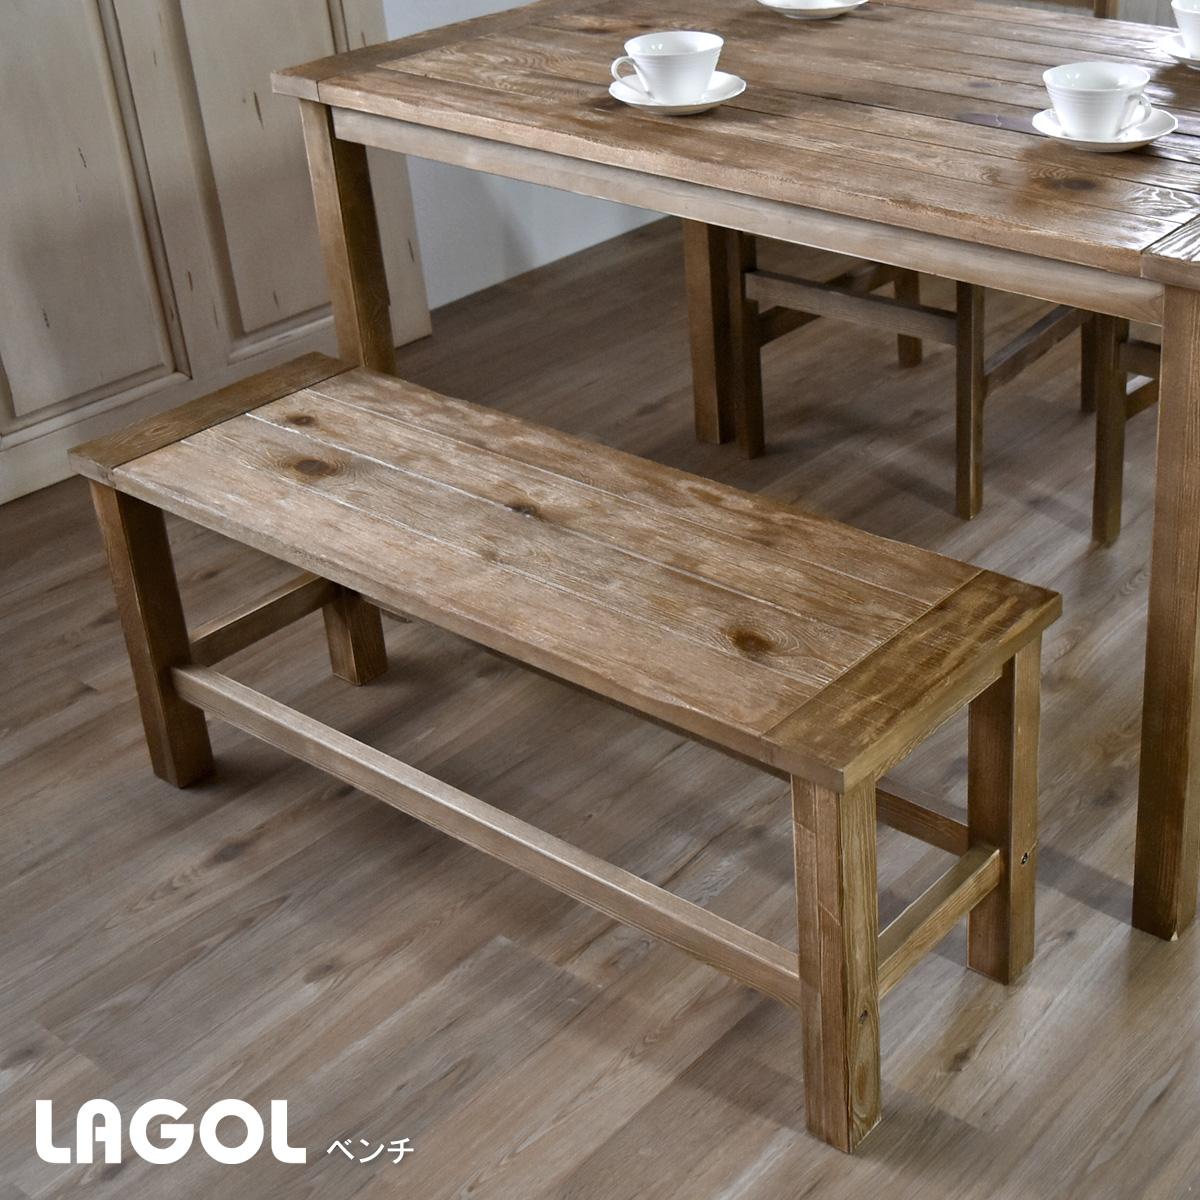 送料無料 ベンチ カフェ 天然木 アンティーク 古材 木製 おしゃれ デザイン ダイニングベンチ 100 カフェ風 ベンチチェア 2人掛け 長椅子 食卓椅子 ダイニングチェア